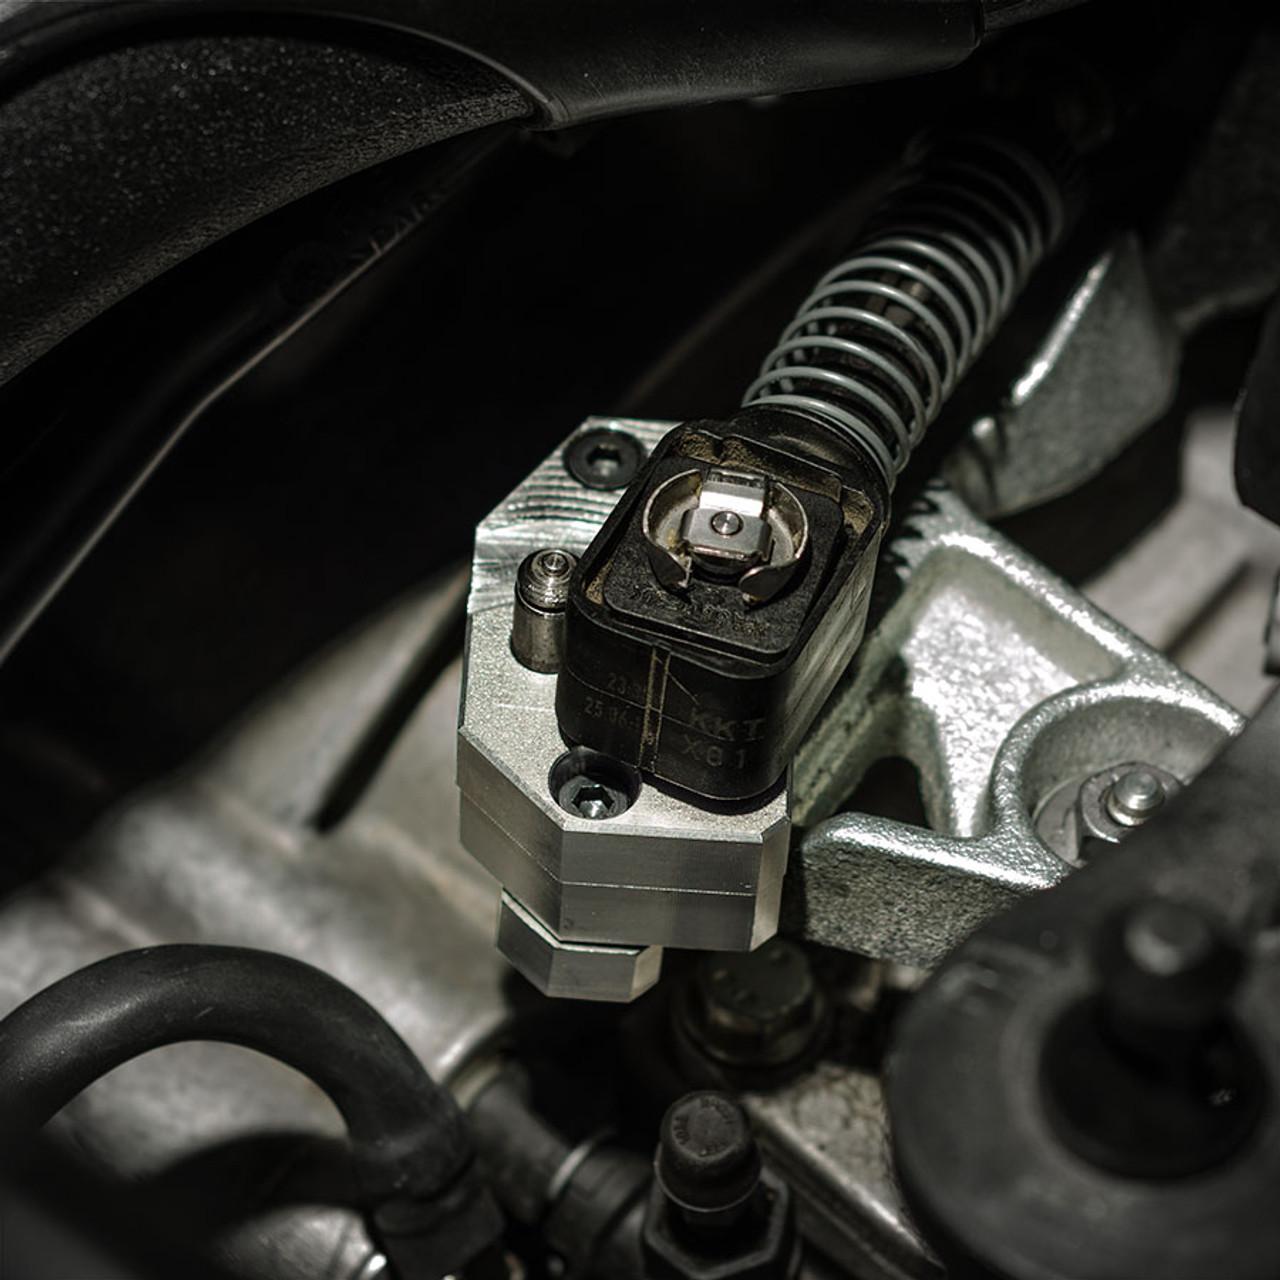 2015 + Volkswagen GTI / Golf R Short Shift Transmission Adapter